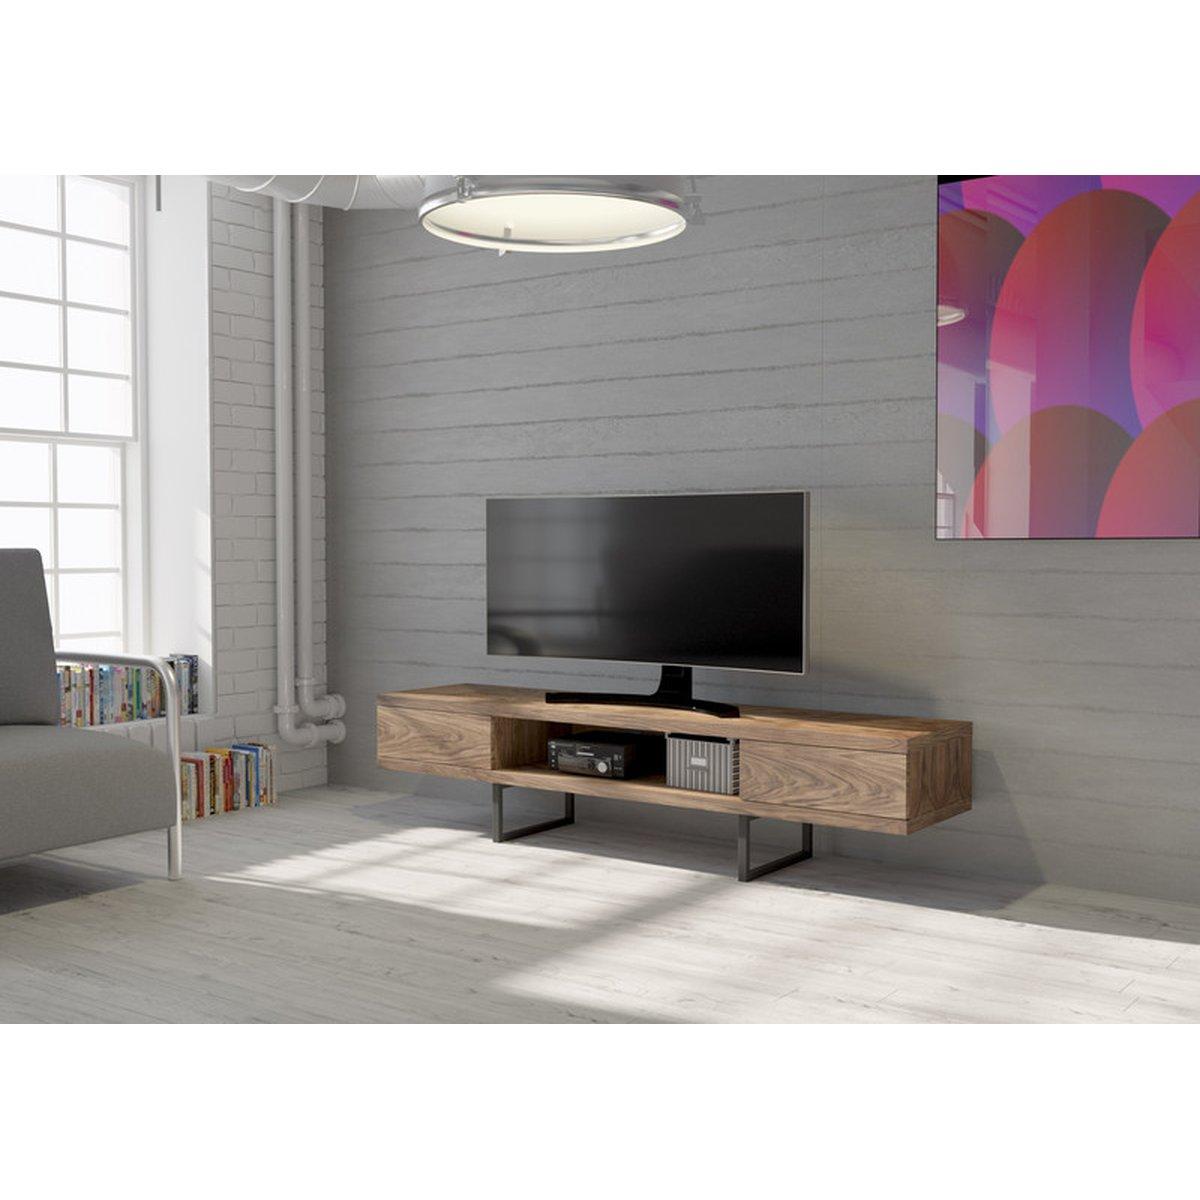 Rtv Regal Sideboard Lowboard Anrichte Wohnzimmer Tv Möbel Madison Rt